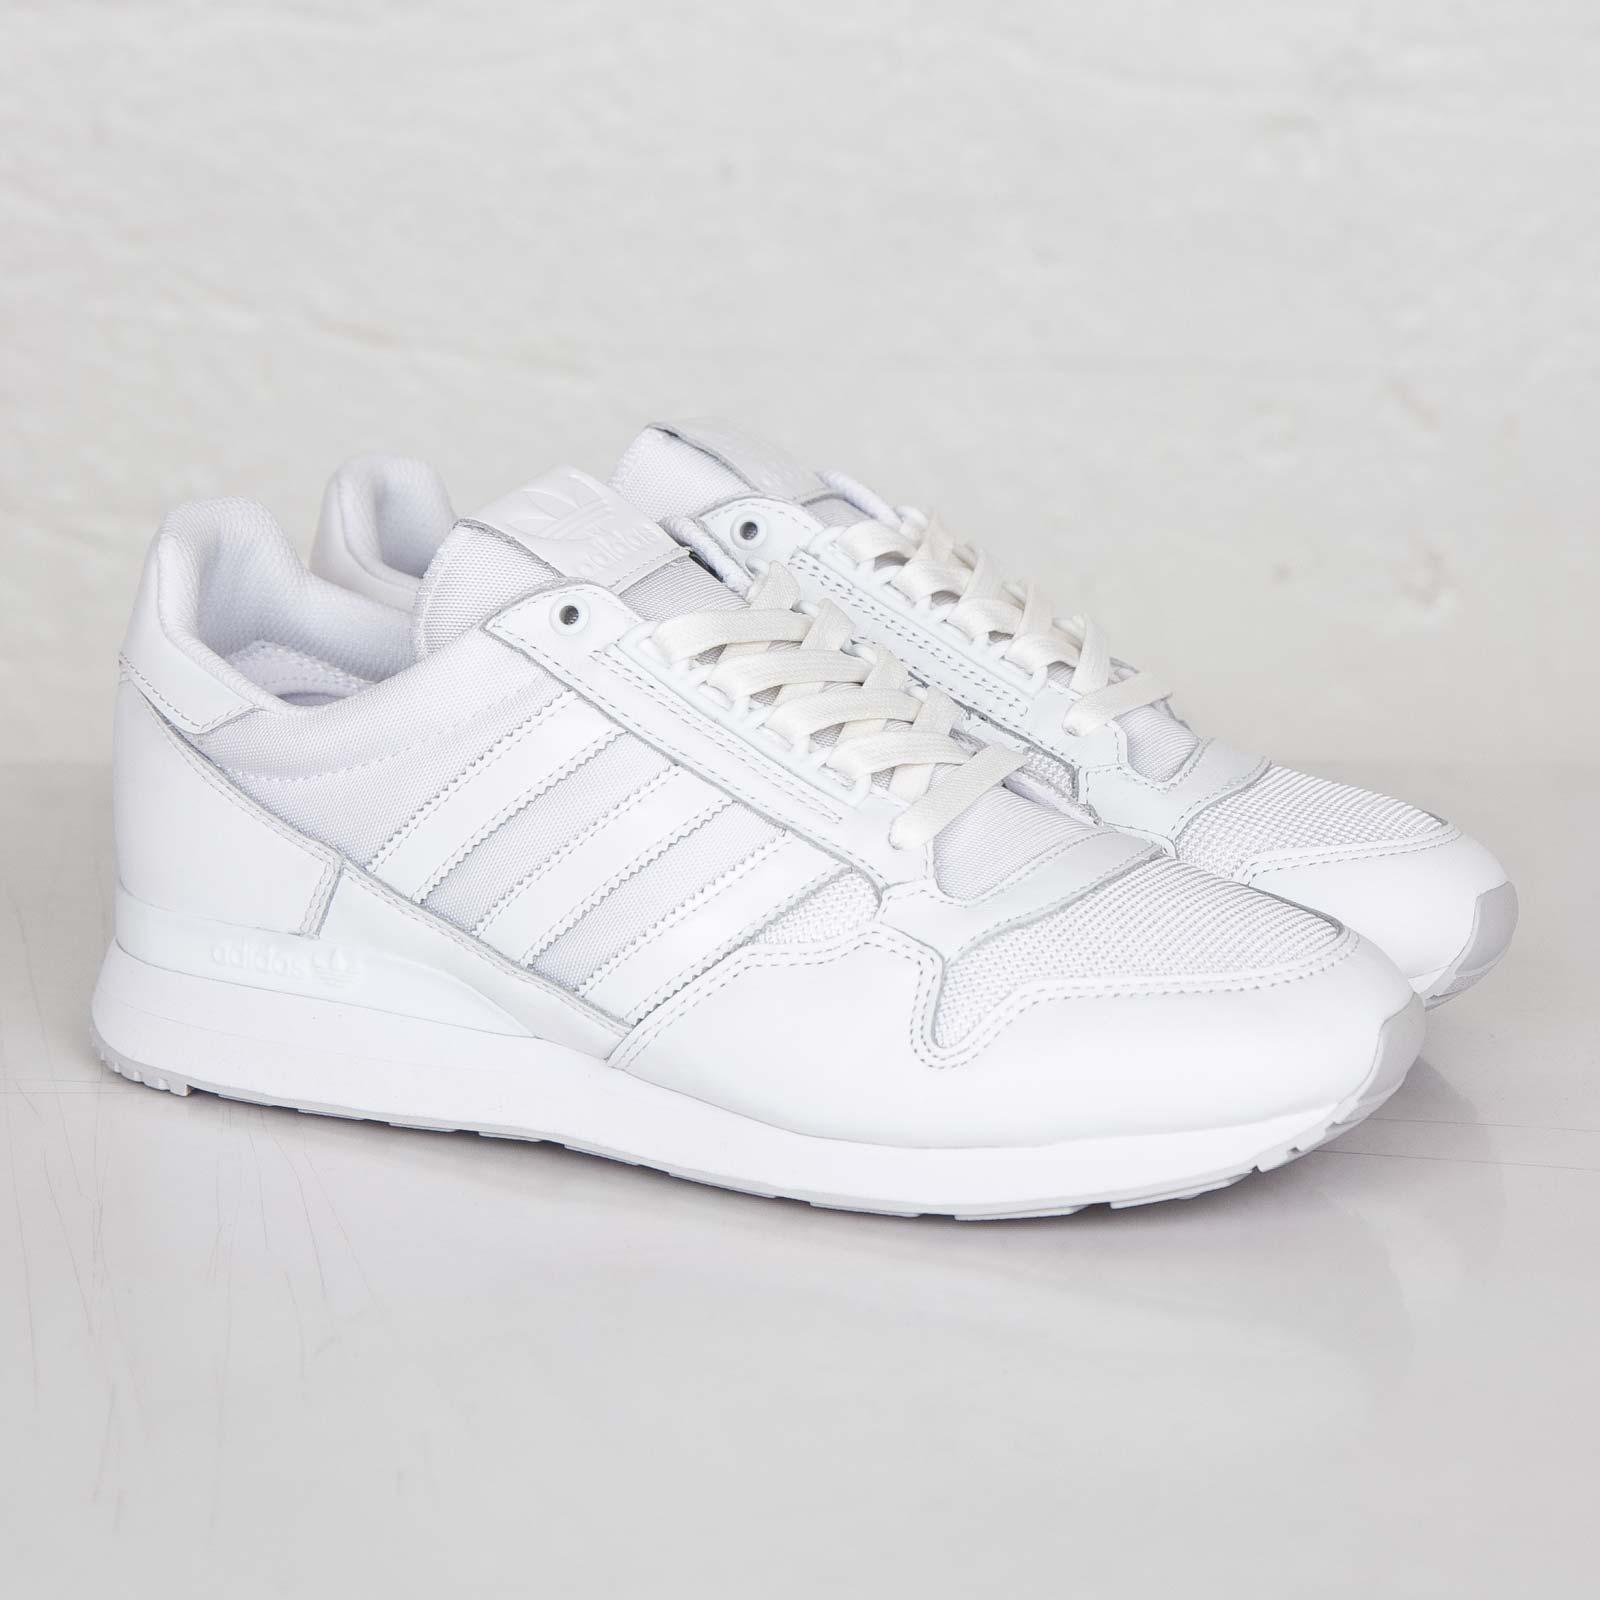 adidas zx 500 og b25294 sneakersnstuff scarpe & streetwear